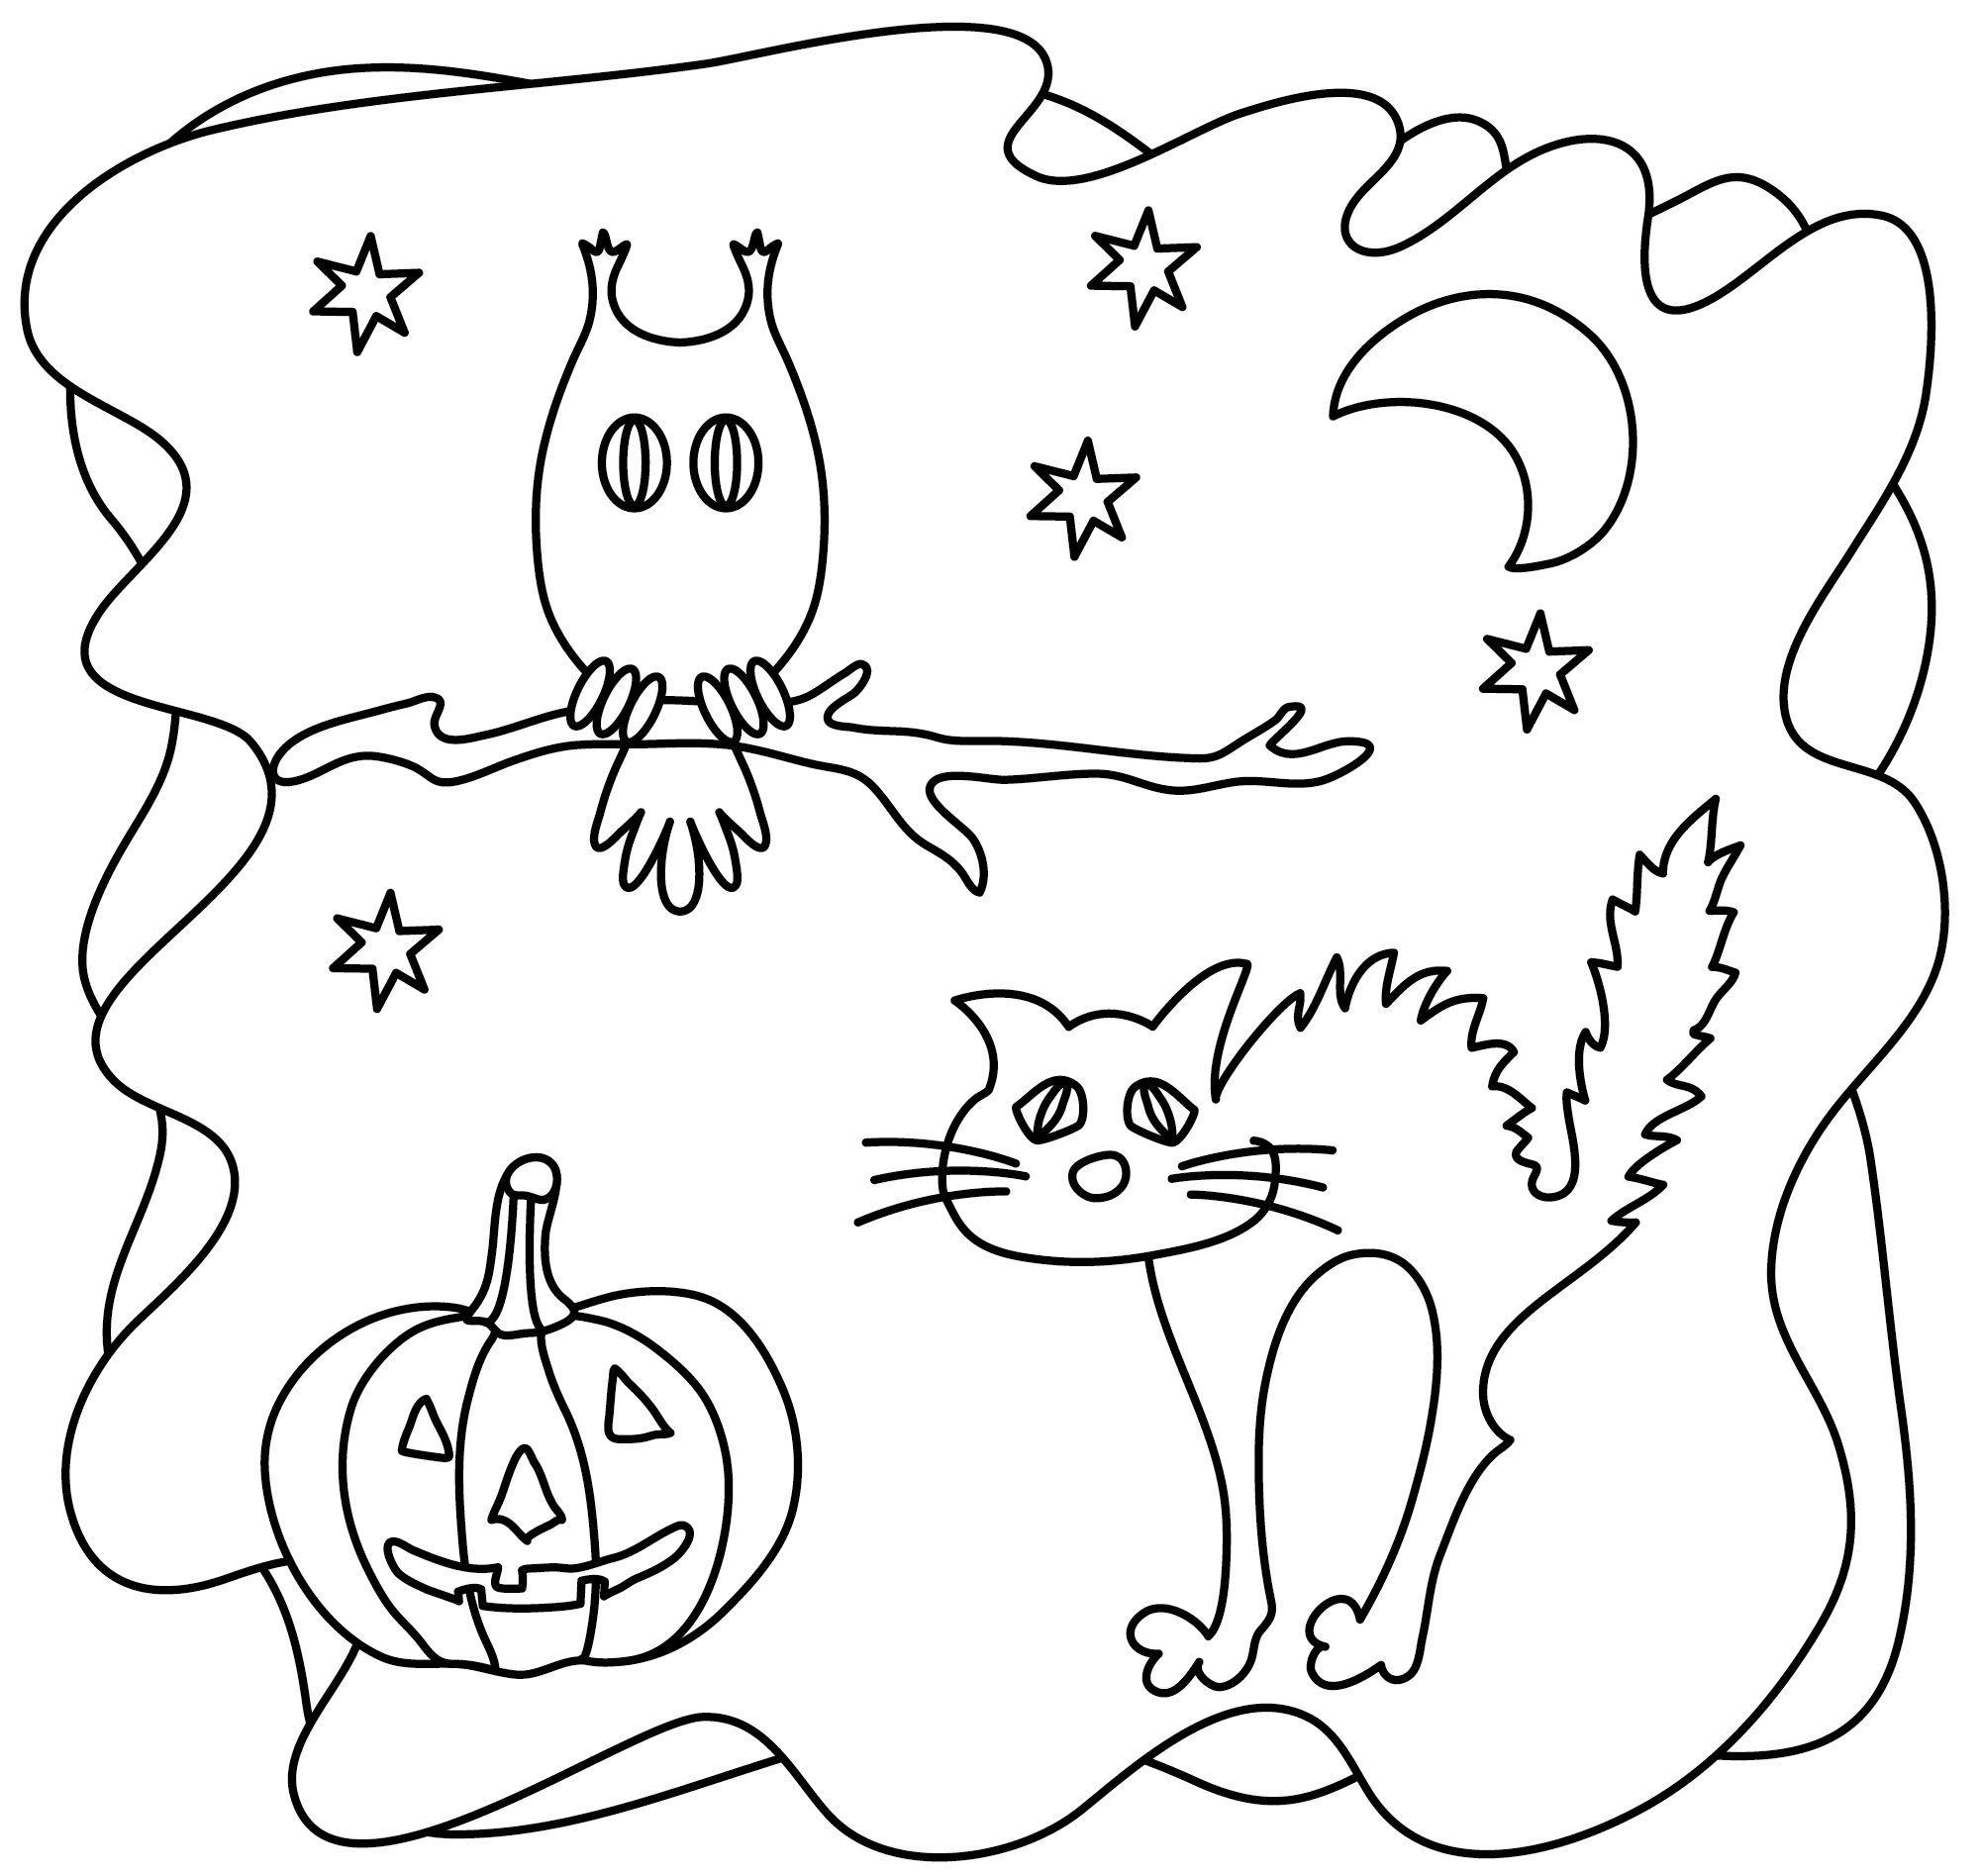 Fledermaus Vorlage Xobbu Malvorlage Halloween Kurbis Basteln Vorlage Printable Fleder Halloween Basteln Vorlagen Fledermaus Vorlage Malvorlagen Halloween